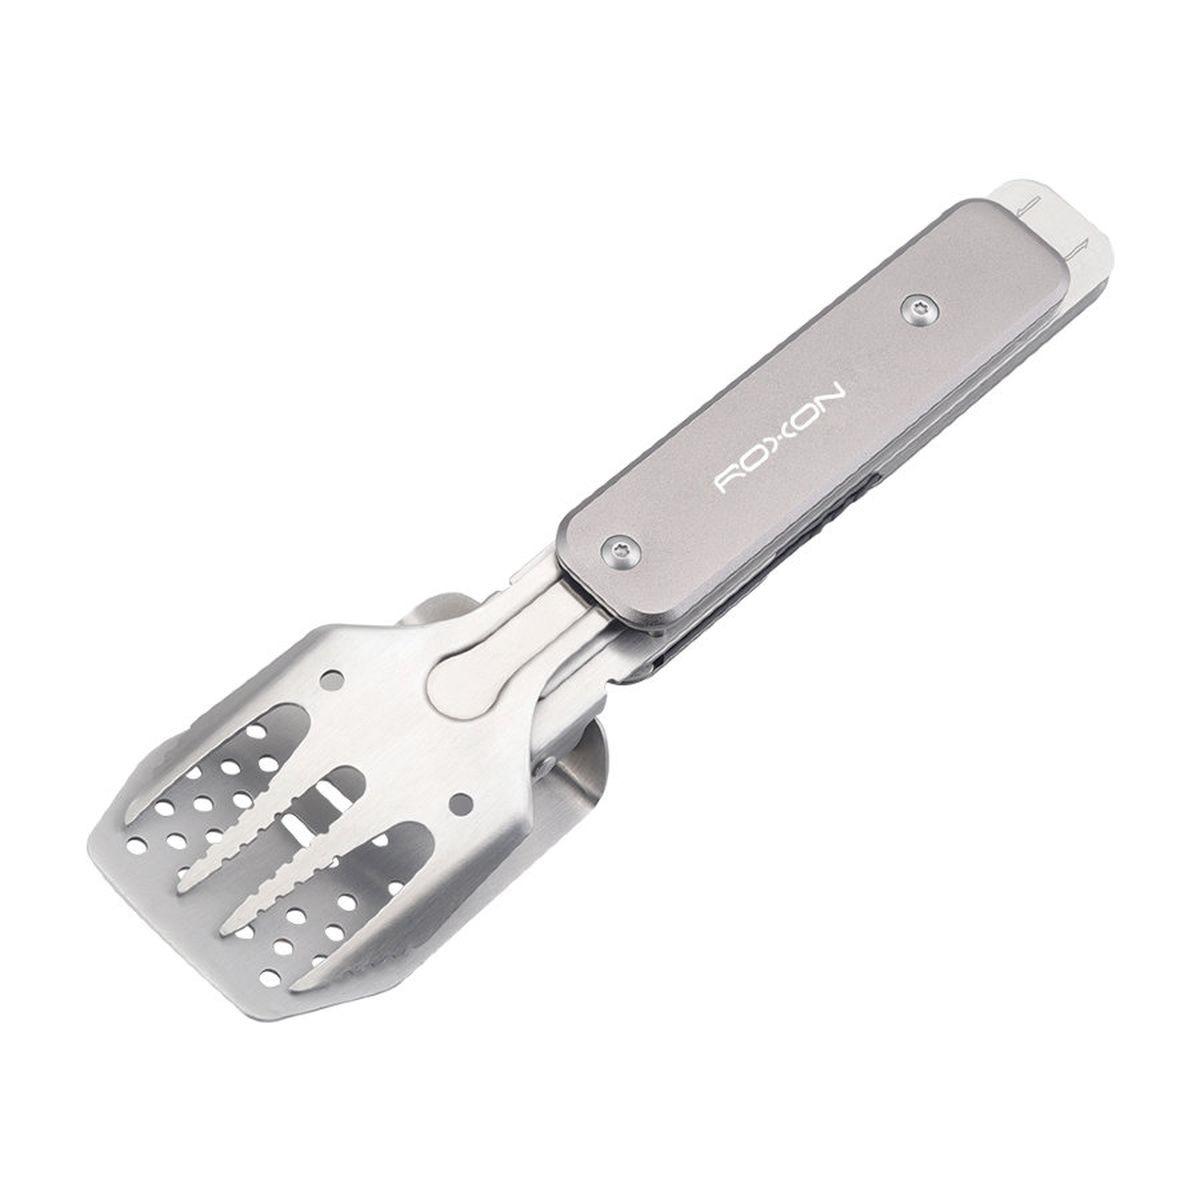 Набор туристических столовых приборов Roxon Multi BBQ Tool MBT Mini, S602G, серый, 4 инструмента